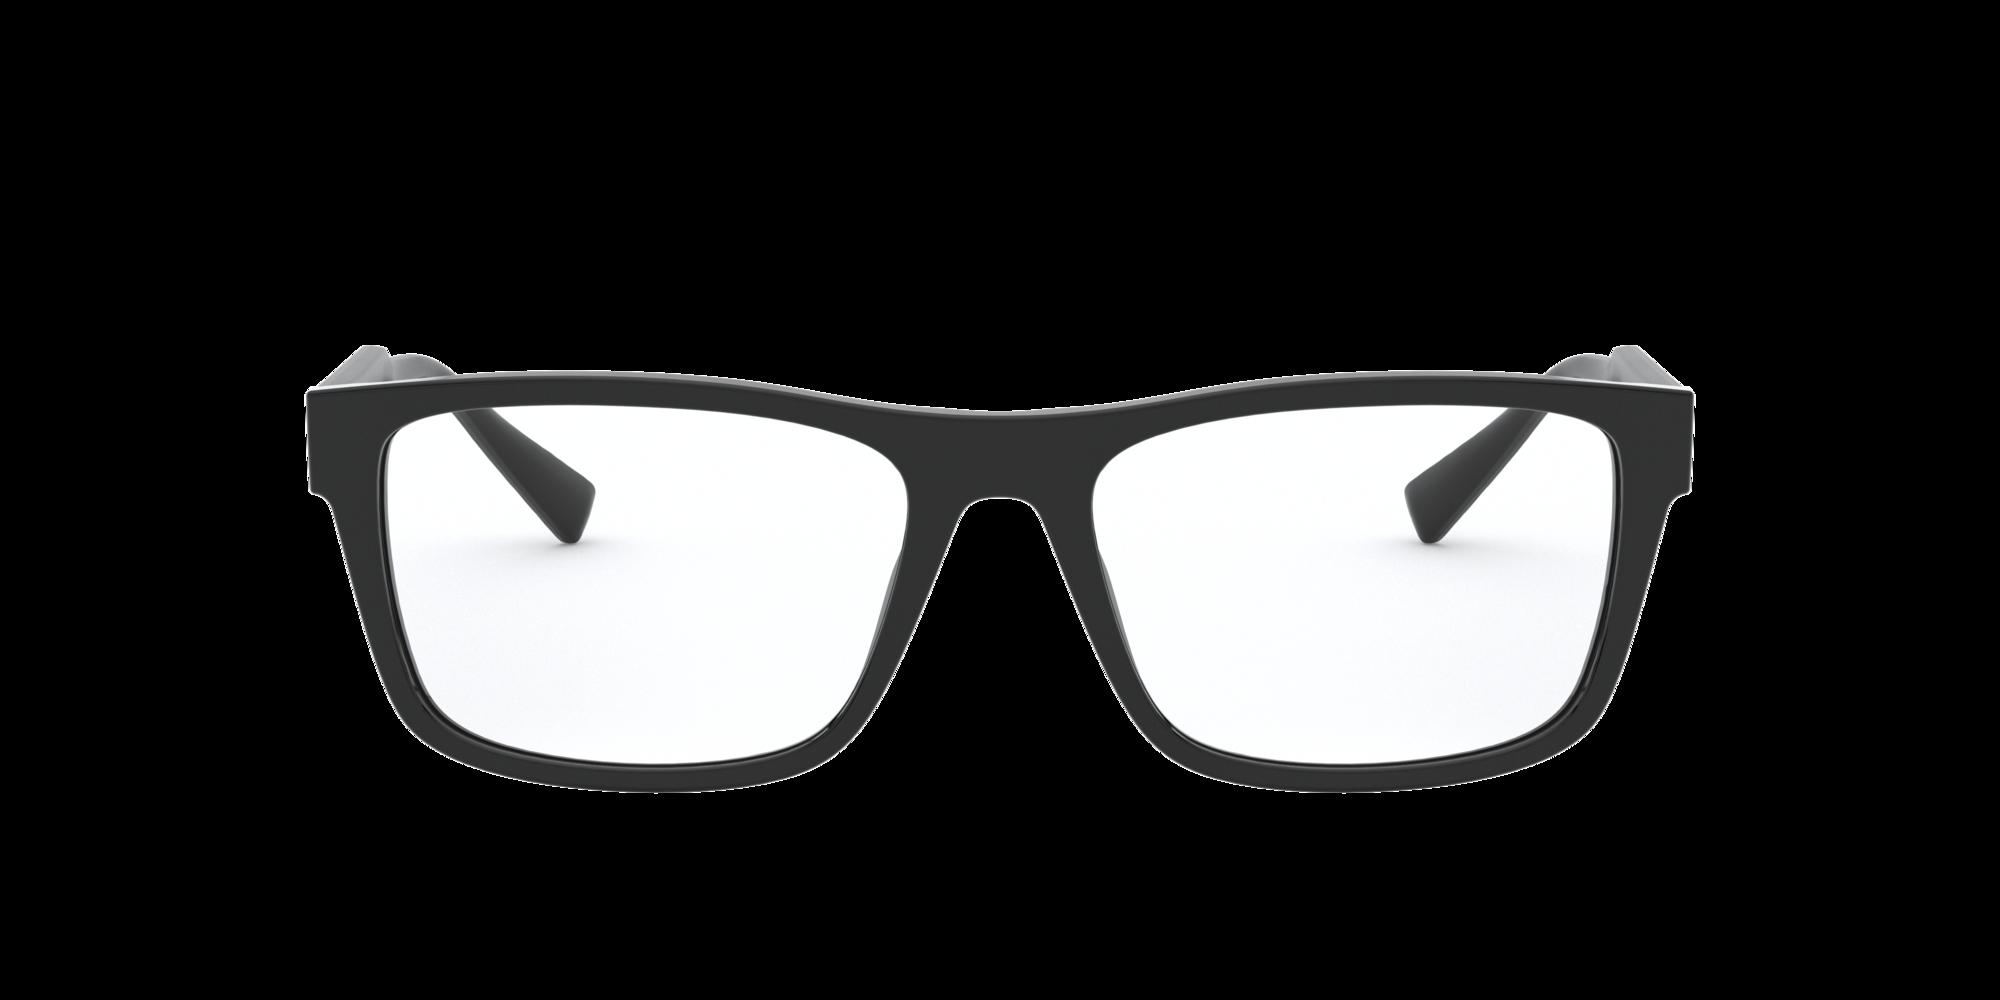 Imagen para VE3277 de LensCrafters |  Espejuelos, espejuelos graduados en línea, gafas